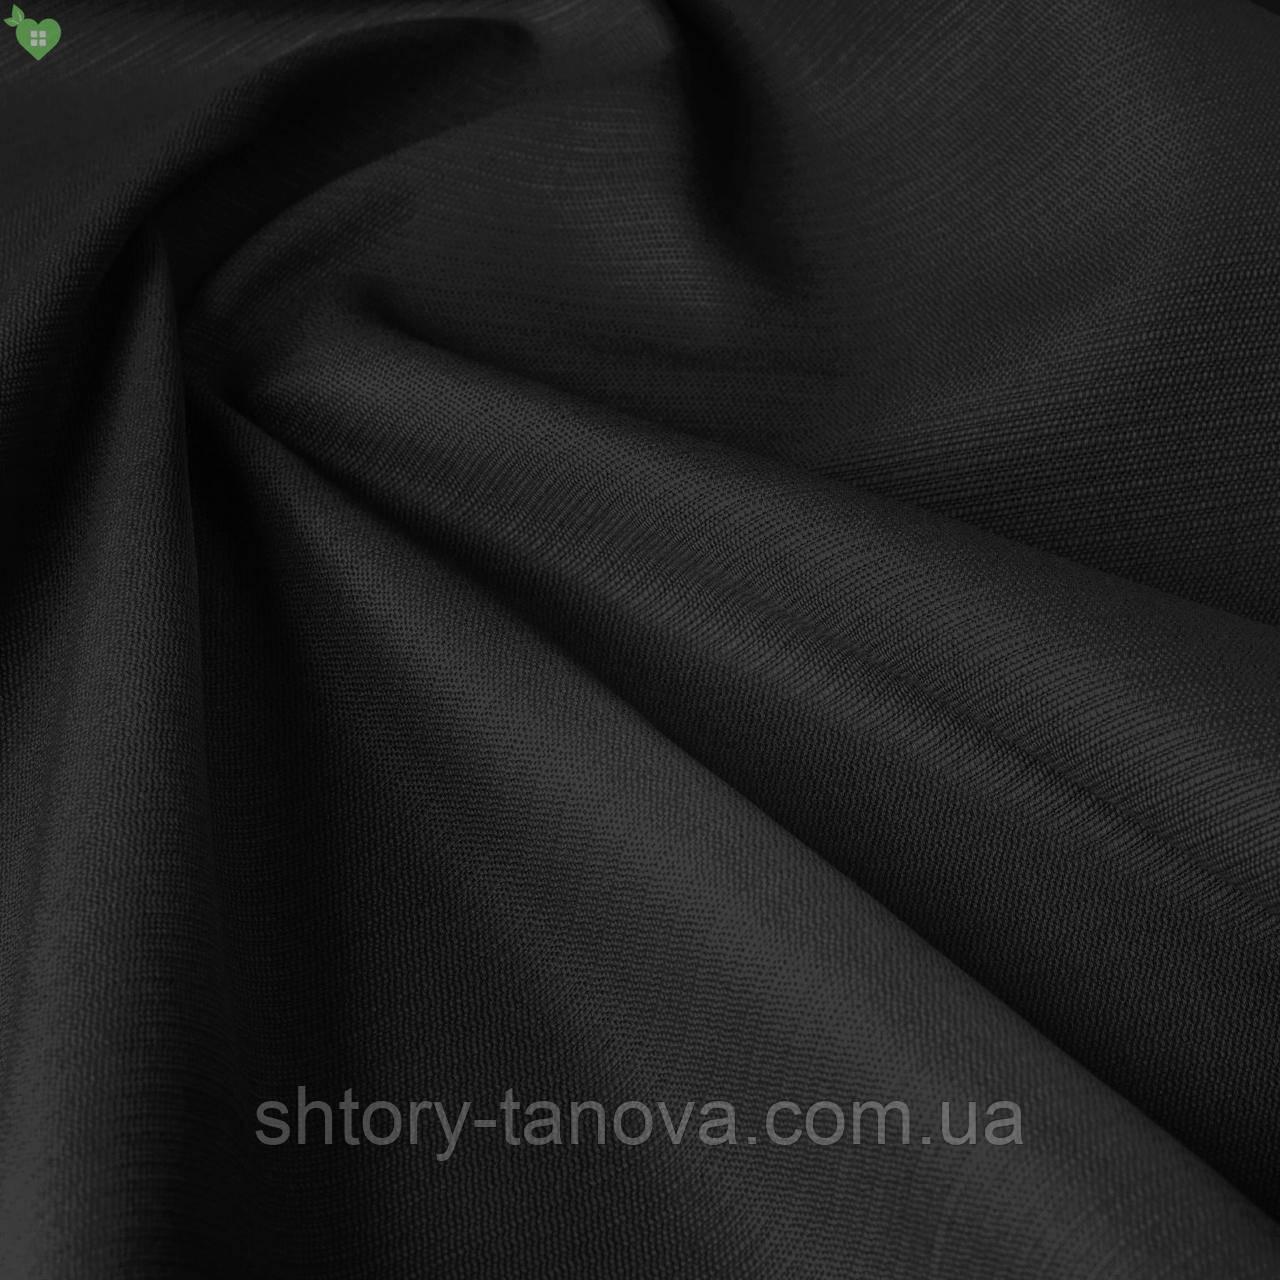 Вулична фактурна тканина чорного кольору для садових меблів